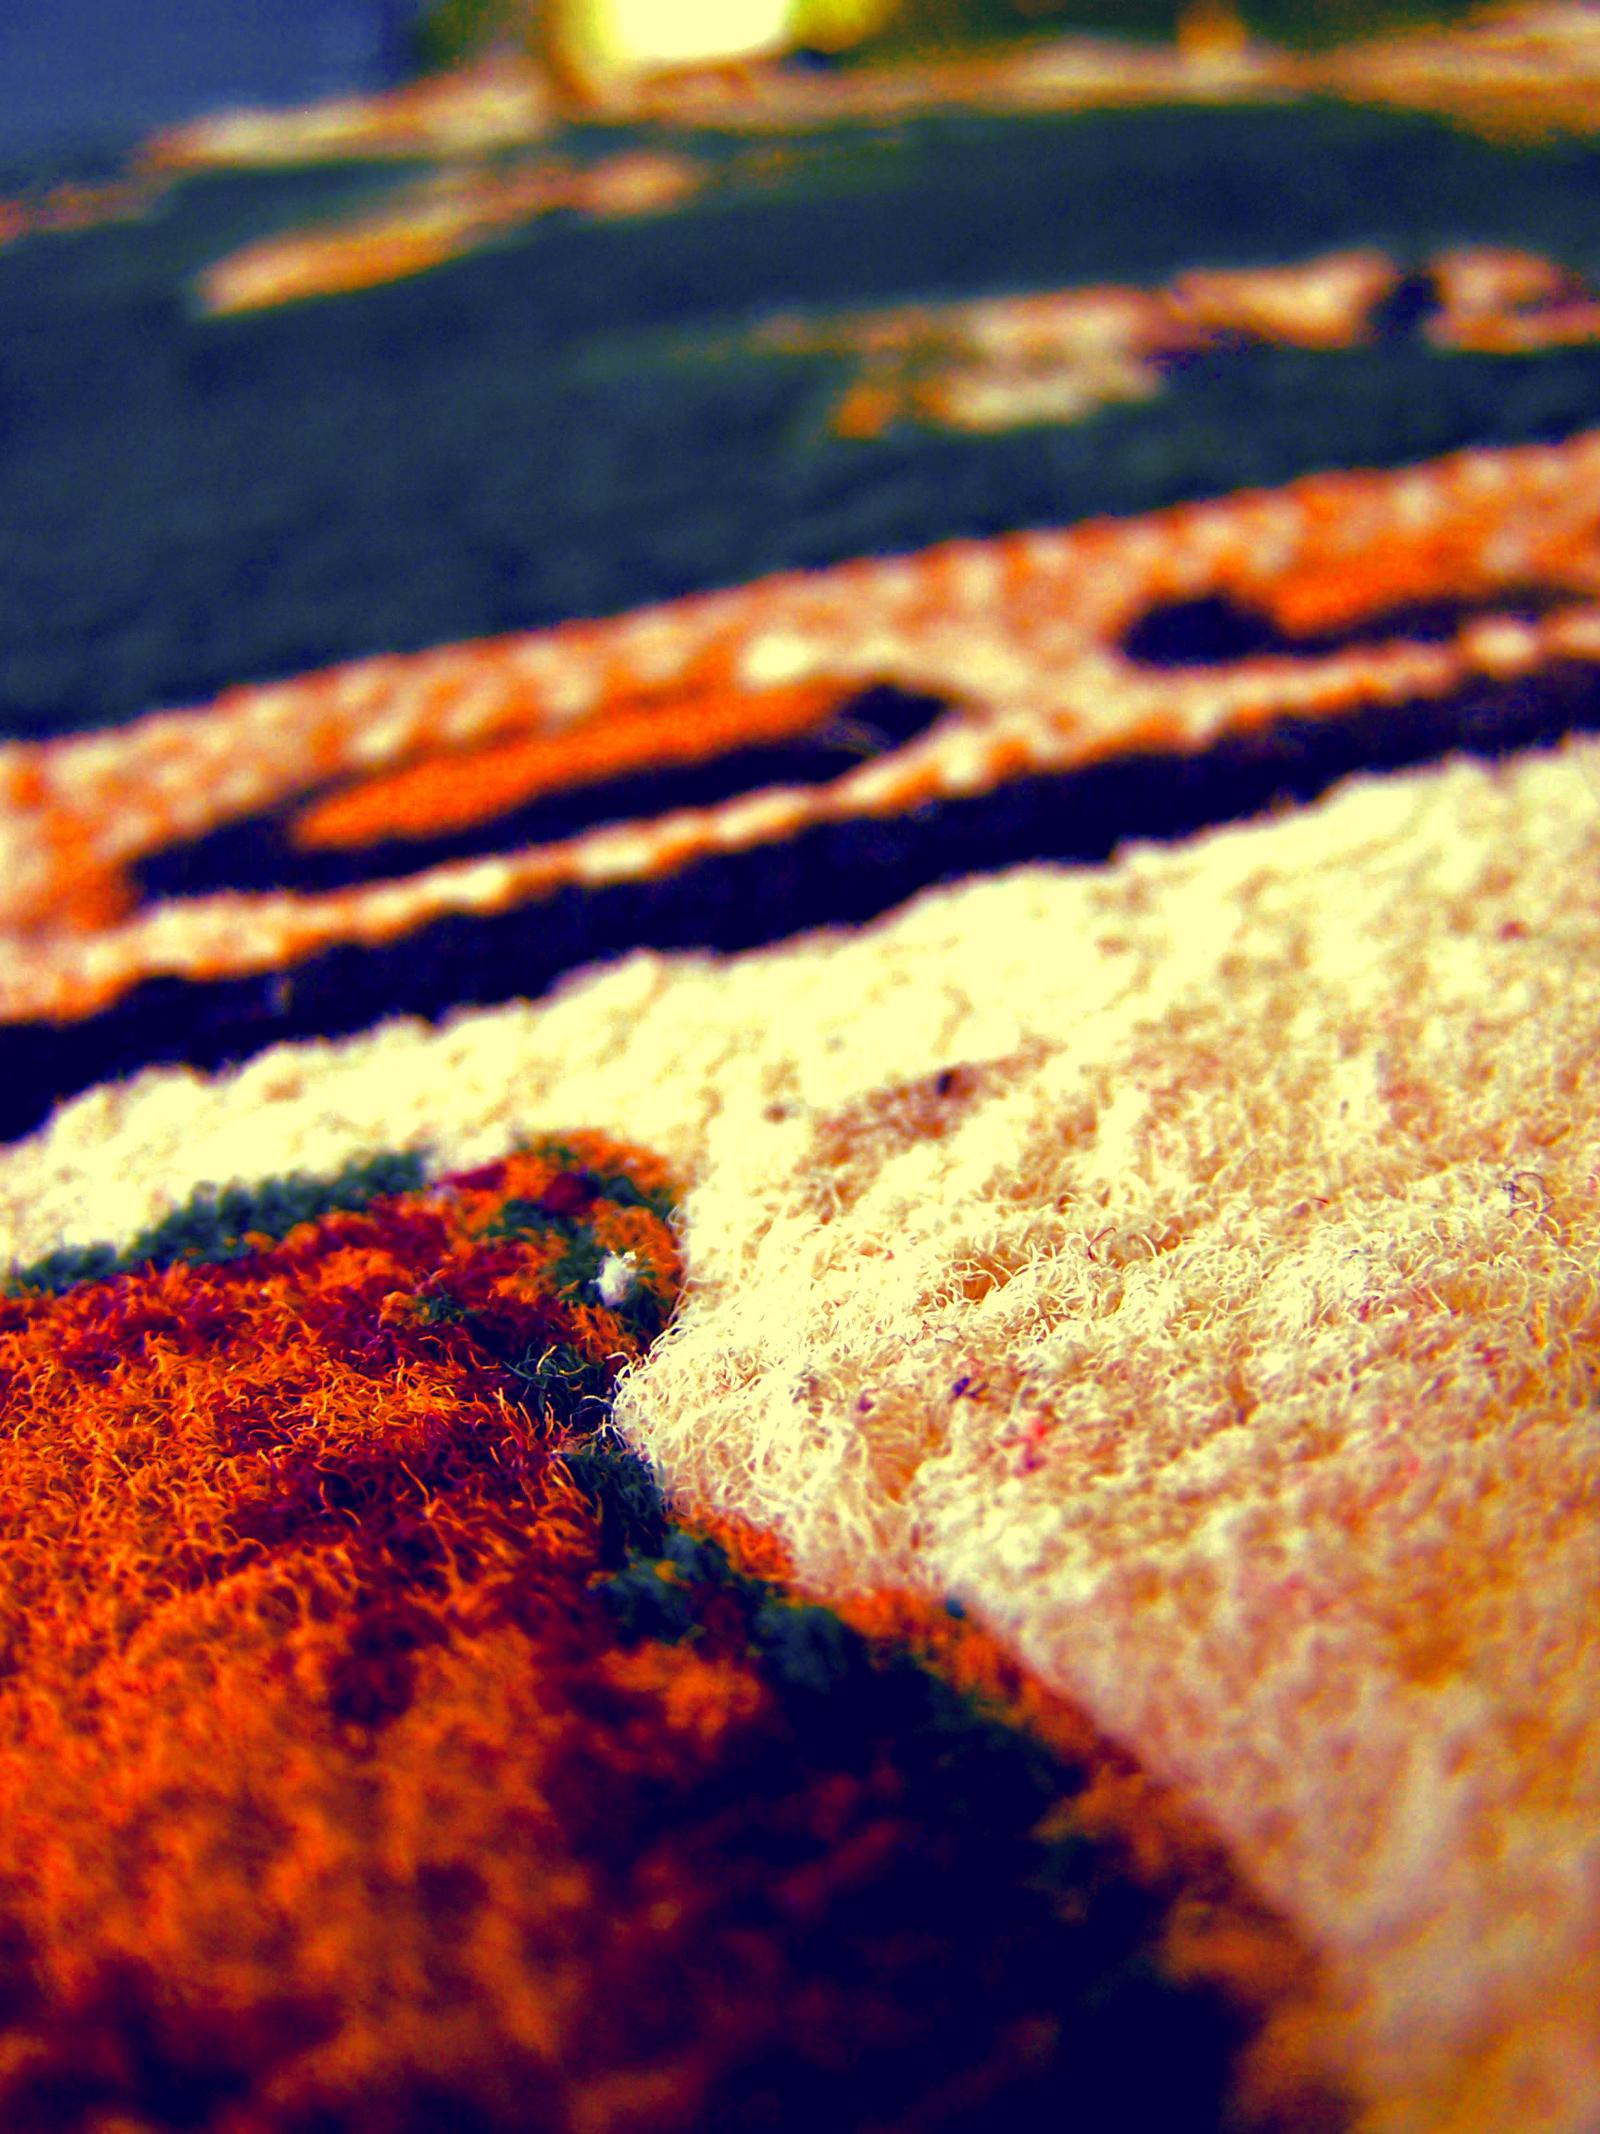 Kicking Carpet